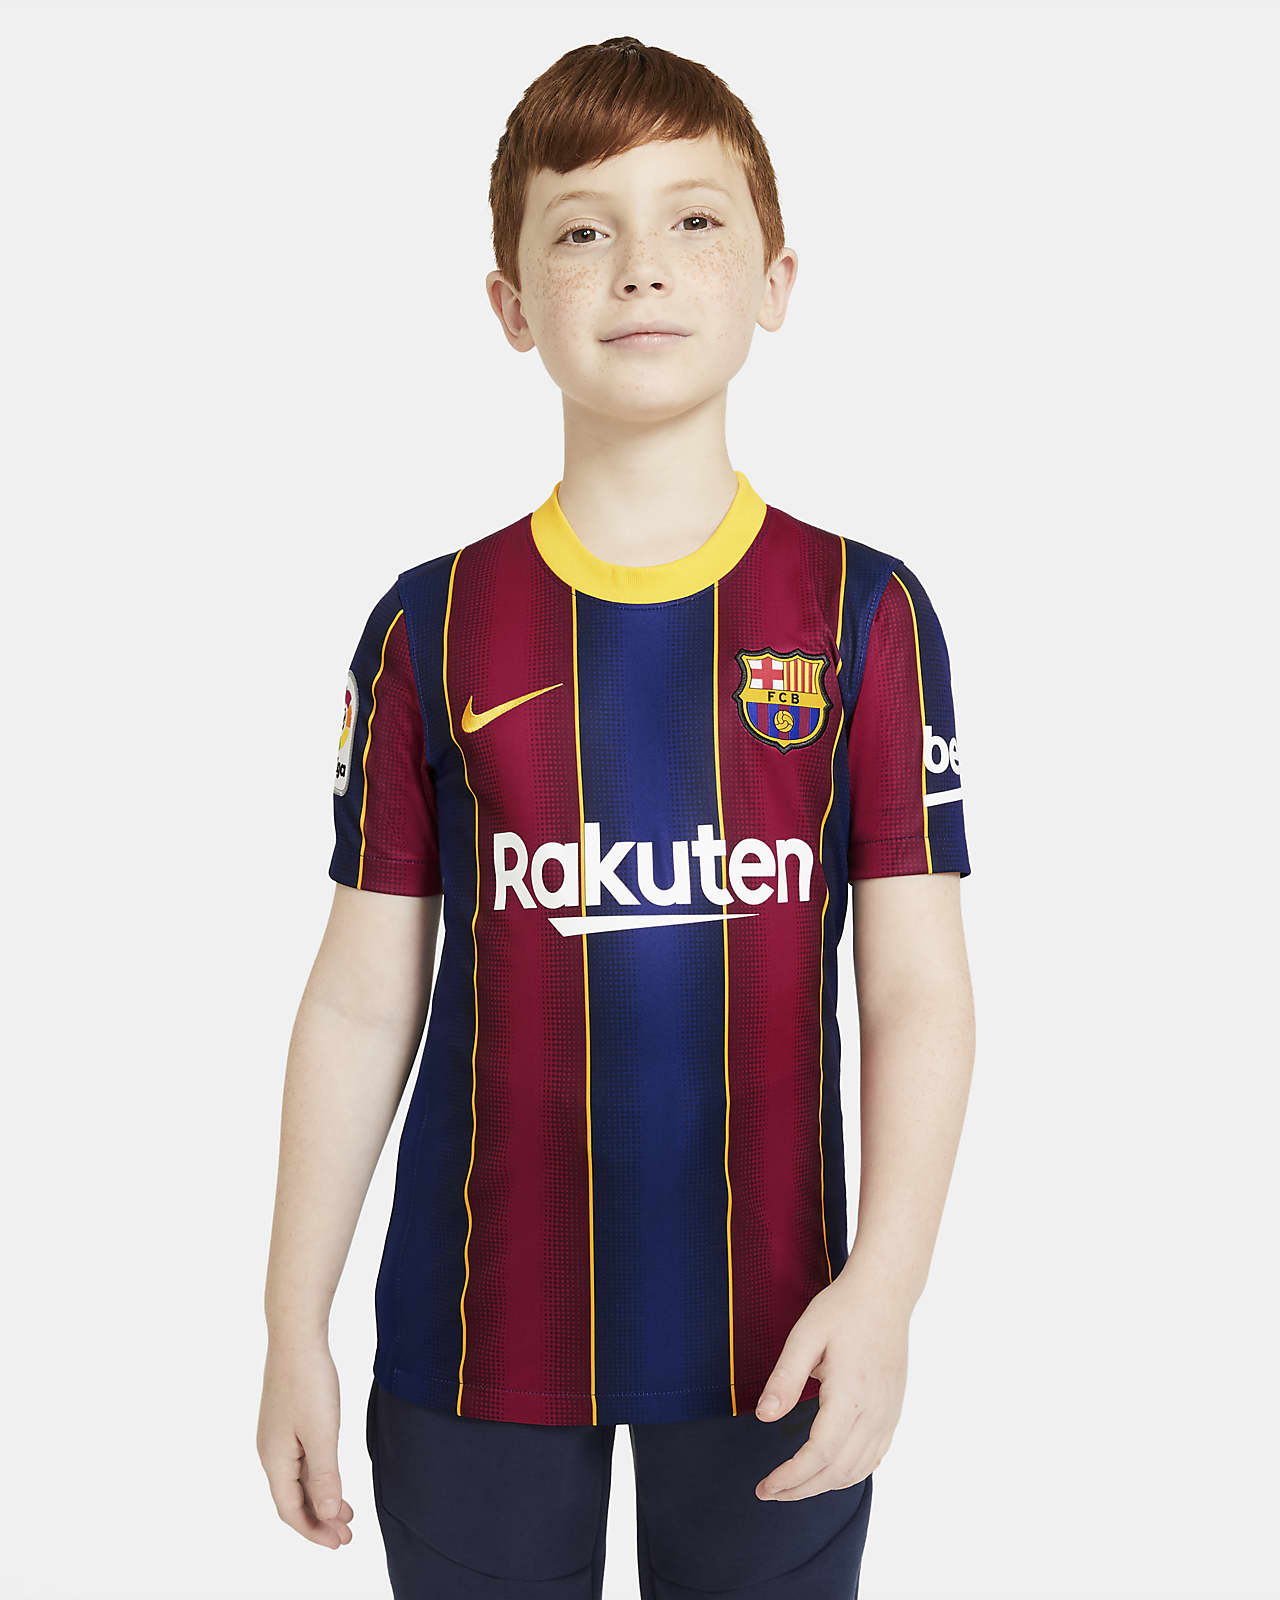 Ποδοσφαιρική φανέλα Μπαρτσελόνα 2020/21 Stadium Home για μεγάλα παιδιά